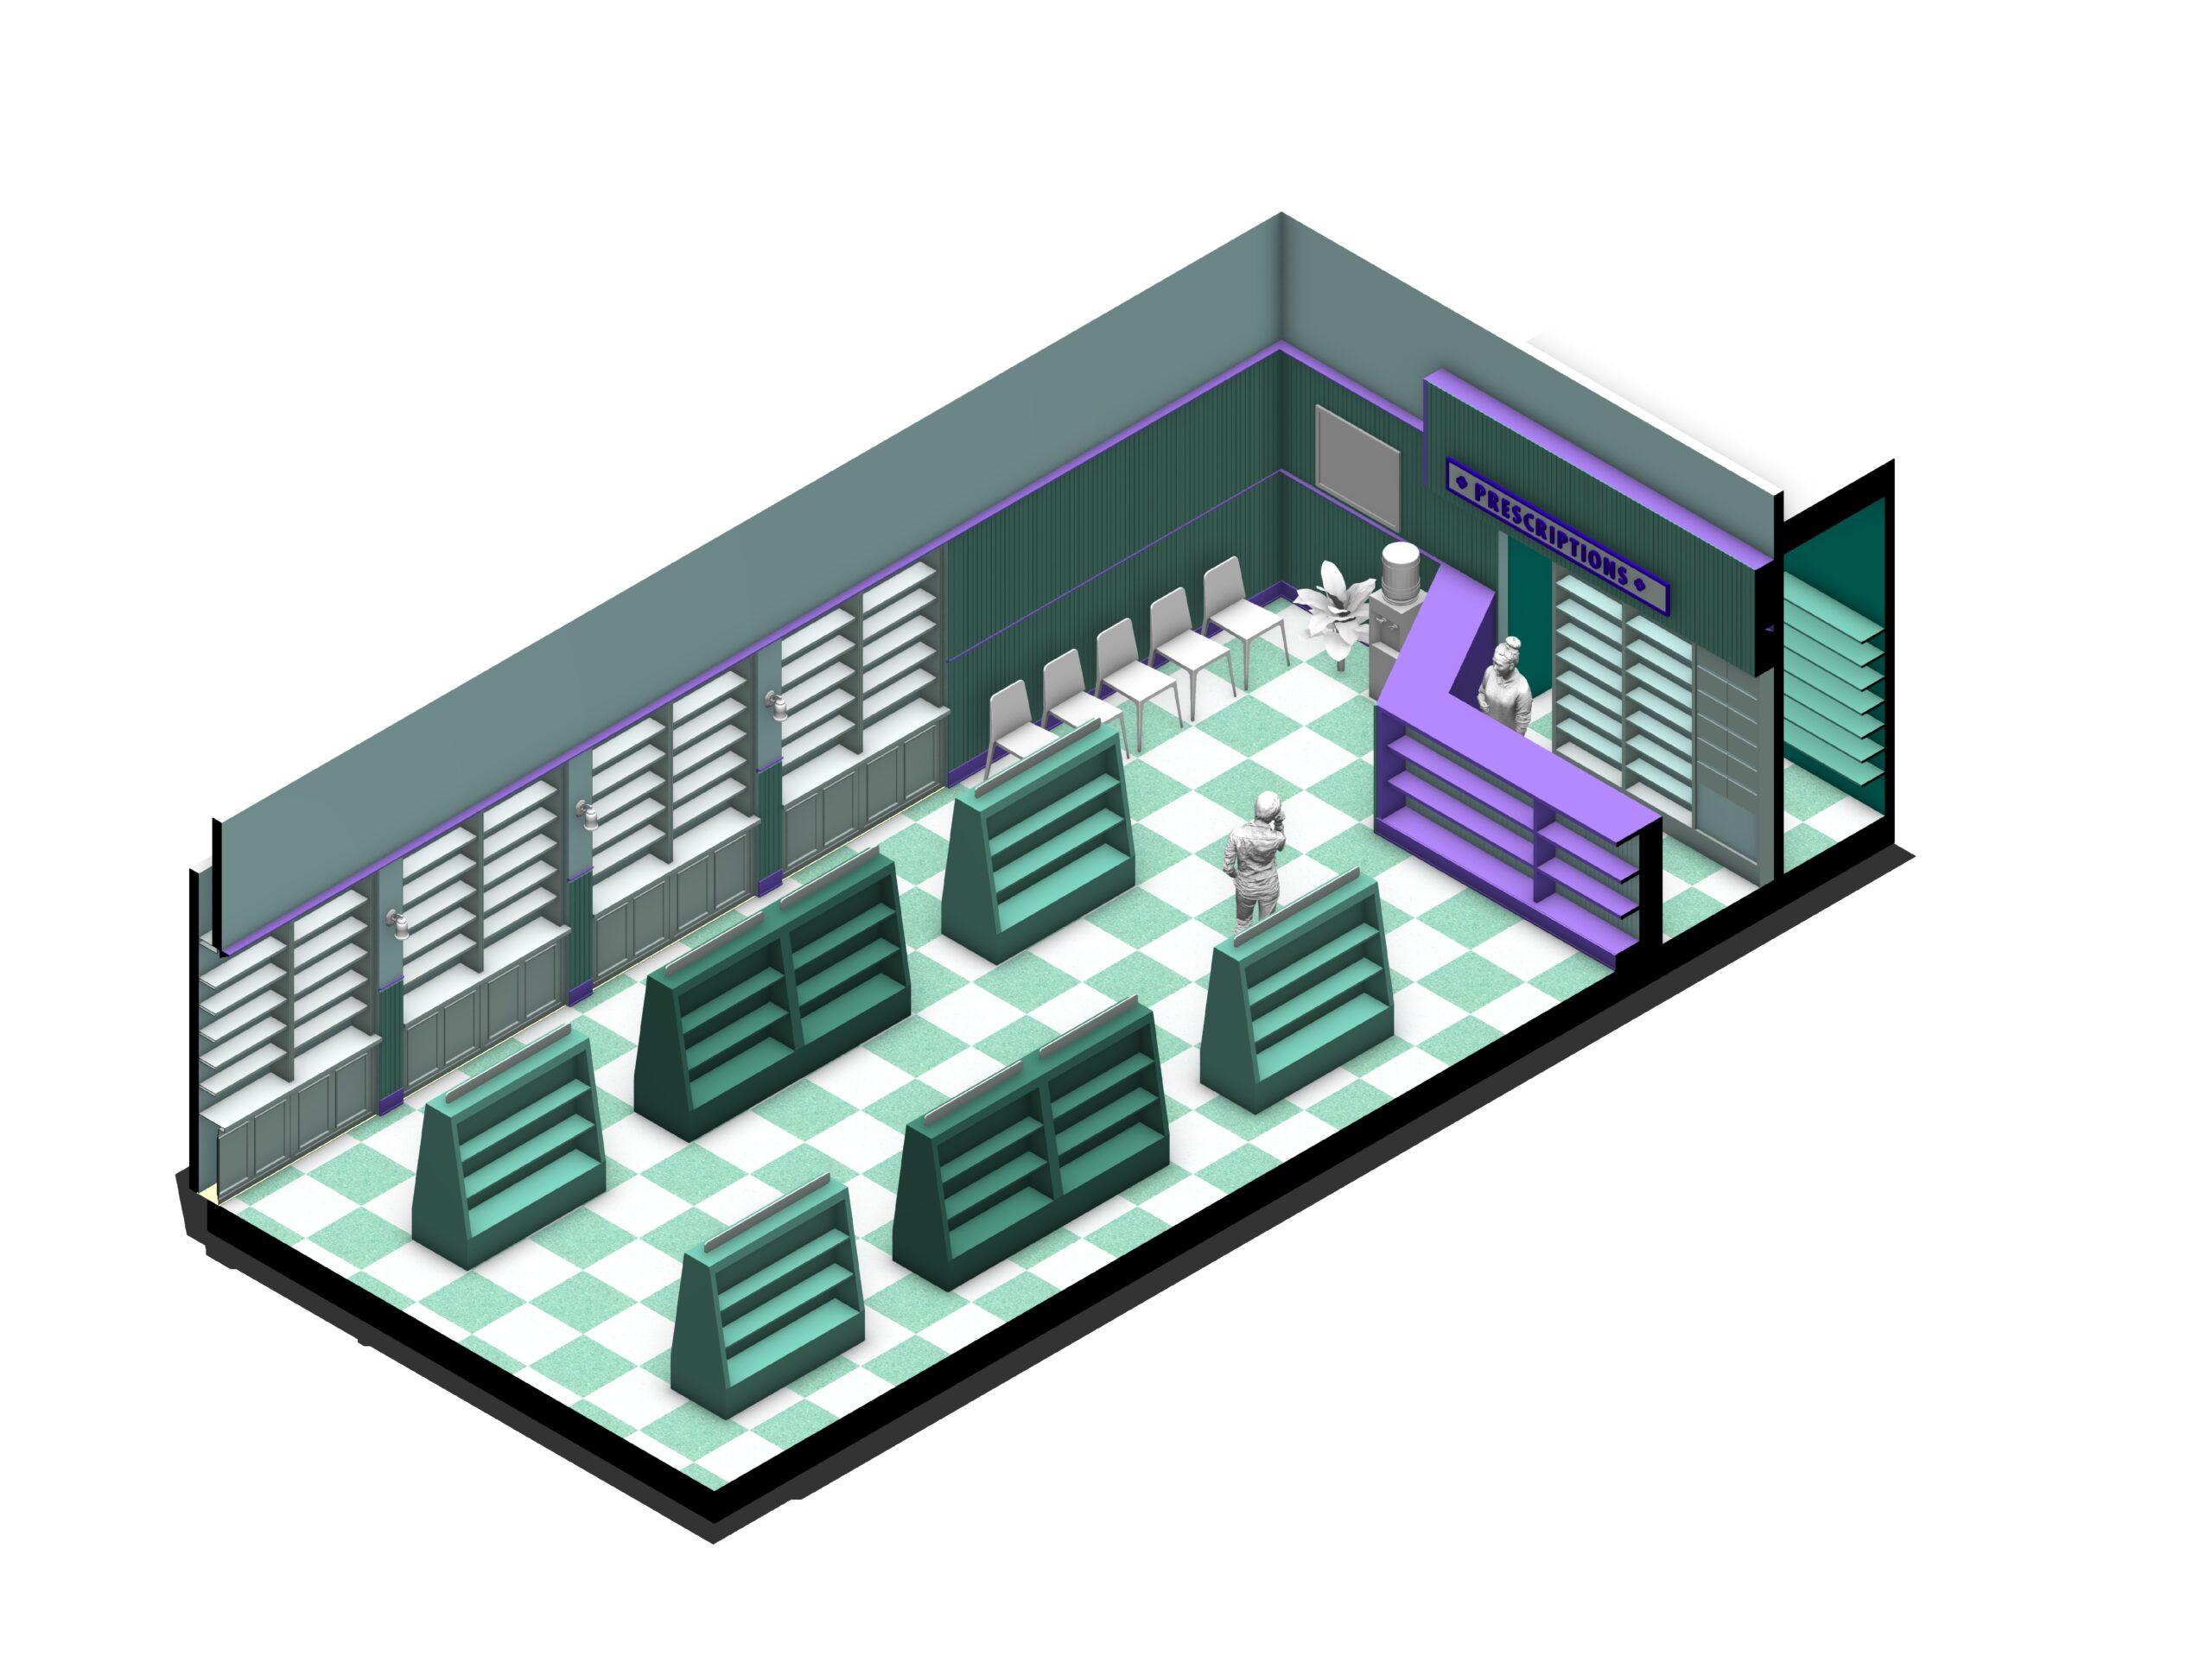 cutaway rendering